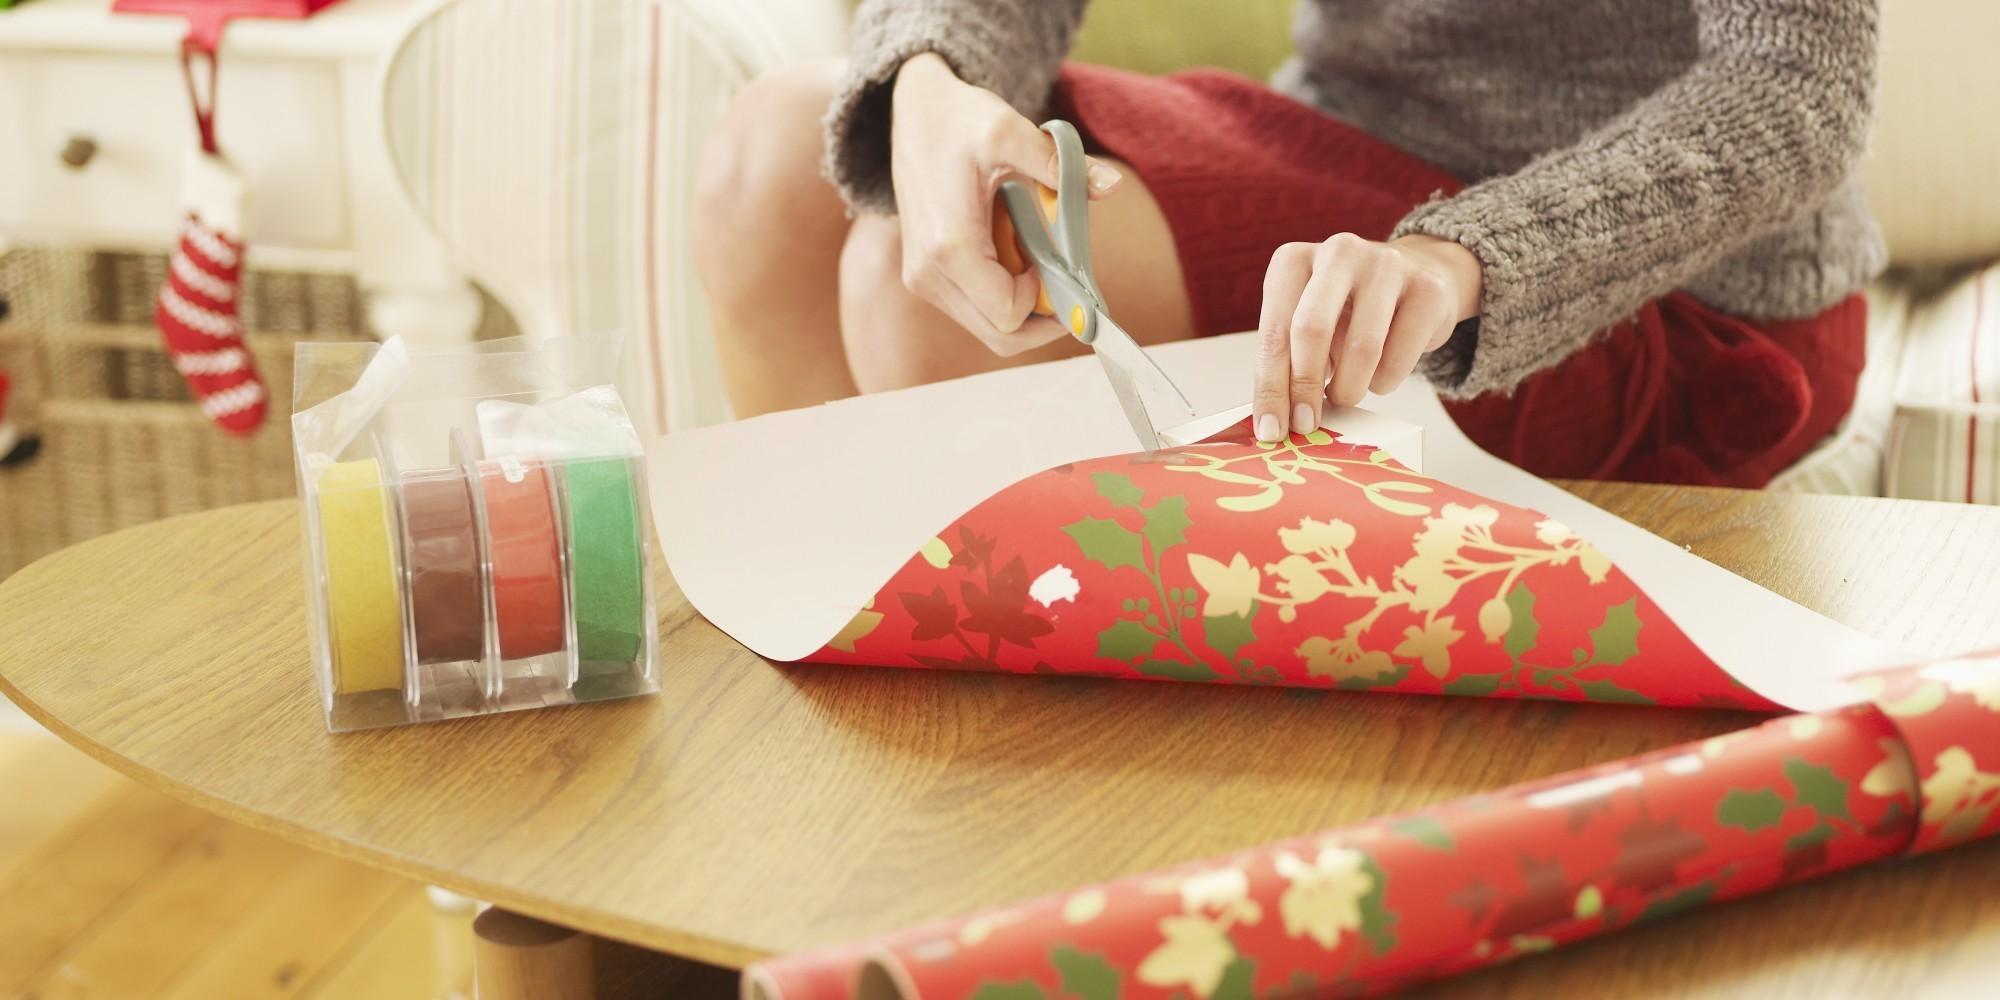 Este truco de Papá Noel servirá de inspiración a quienes no se les da bien envolver regalos